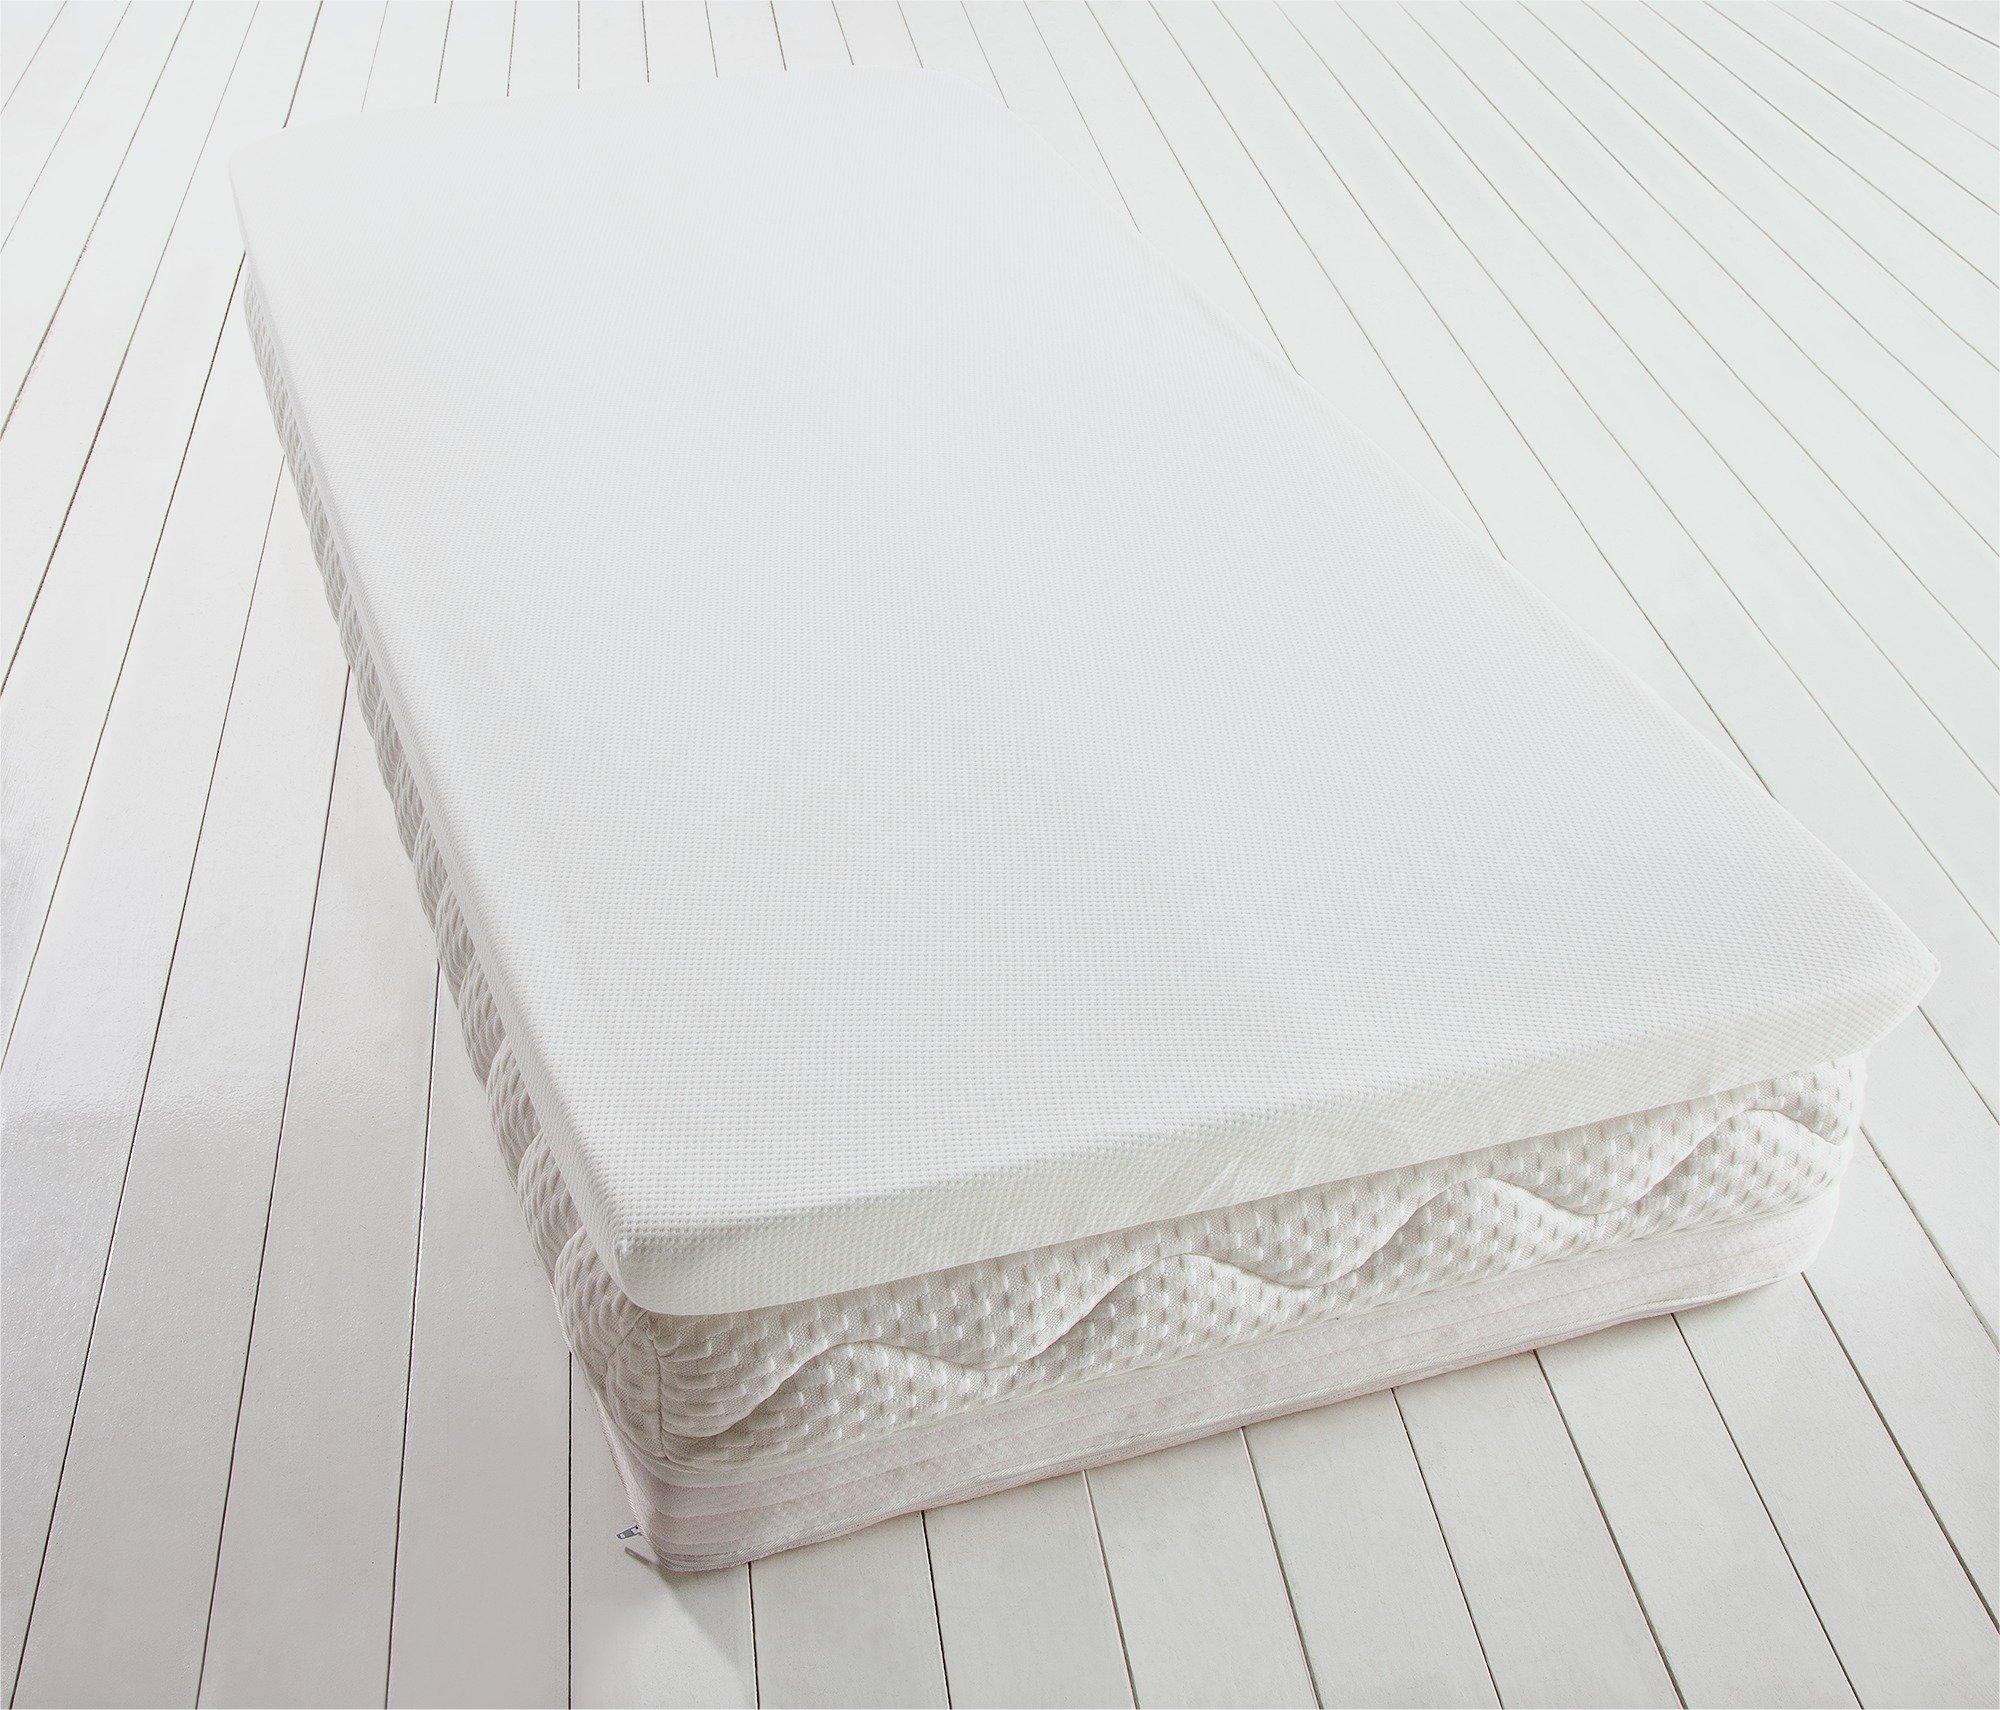 Argos Home Luxury Memory Foam Mattress Topper - Kingsize